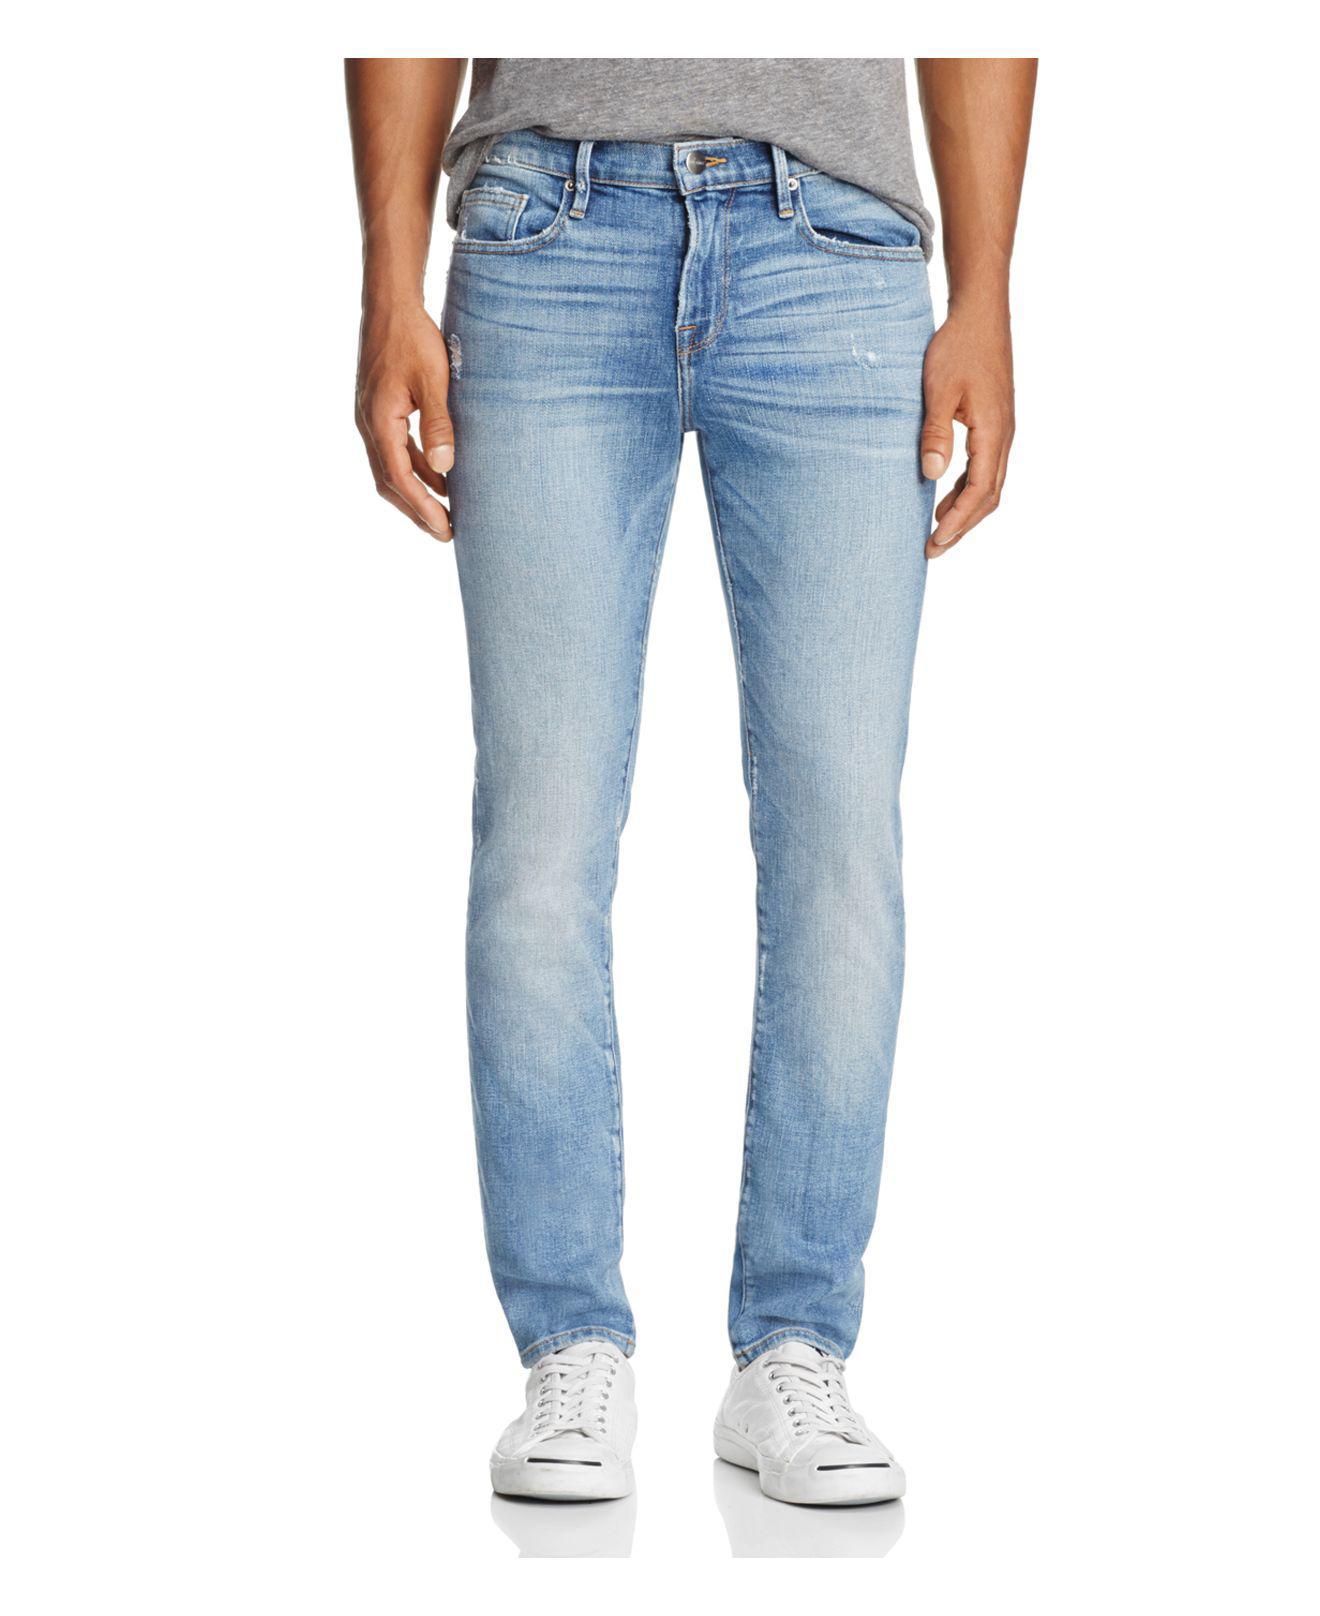 lyst frame l 39 homme skinny fit jeans in beaudry in blue for men. Black Bedroom Furniture Sets. Home Design Ideas